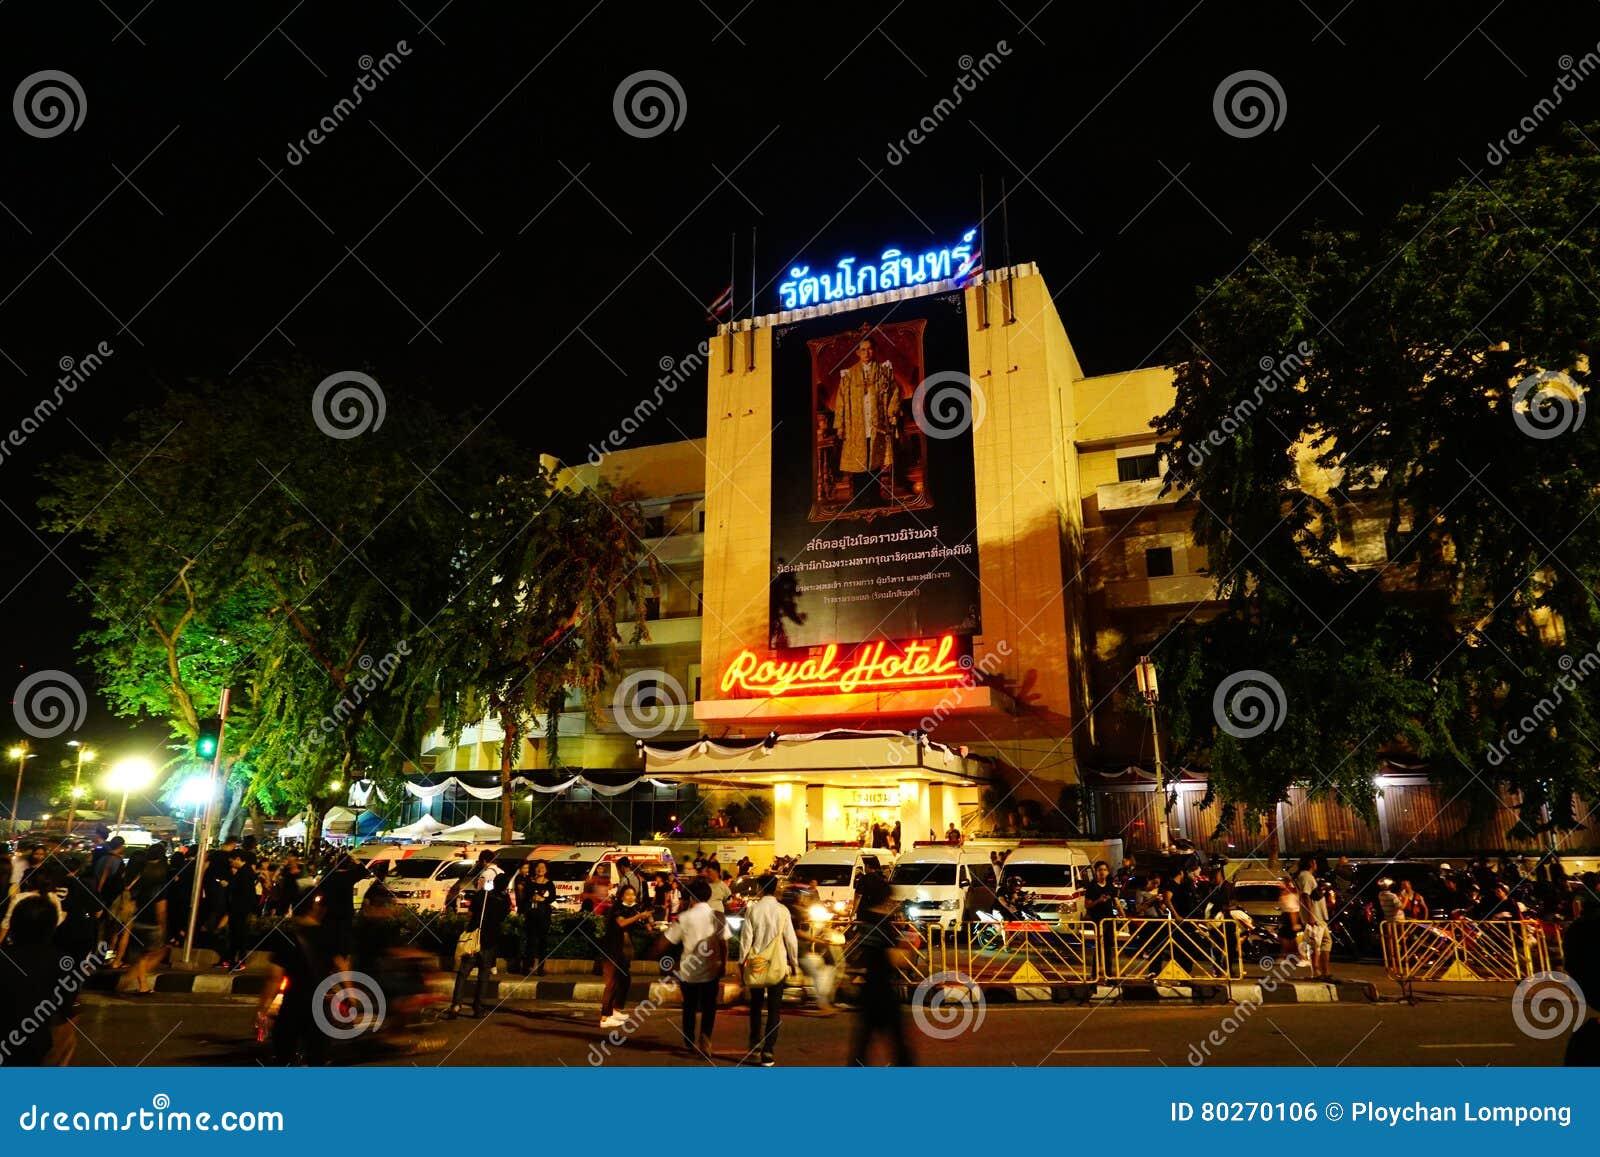 På kunglig svart för thailändskt folk för hotellet iklädd komm att erbjuda beklagande för den sena konungen Bhumibol Adulyadej fö